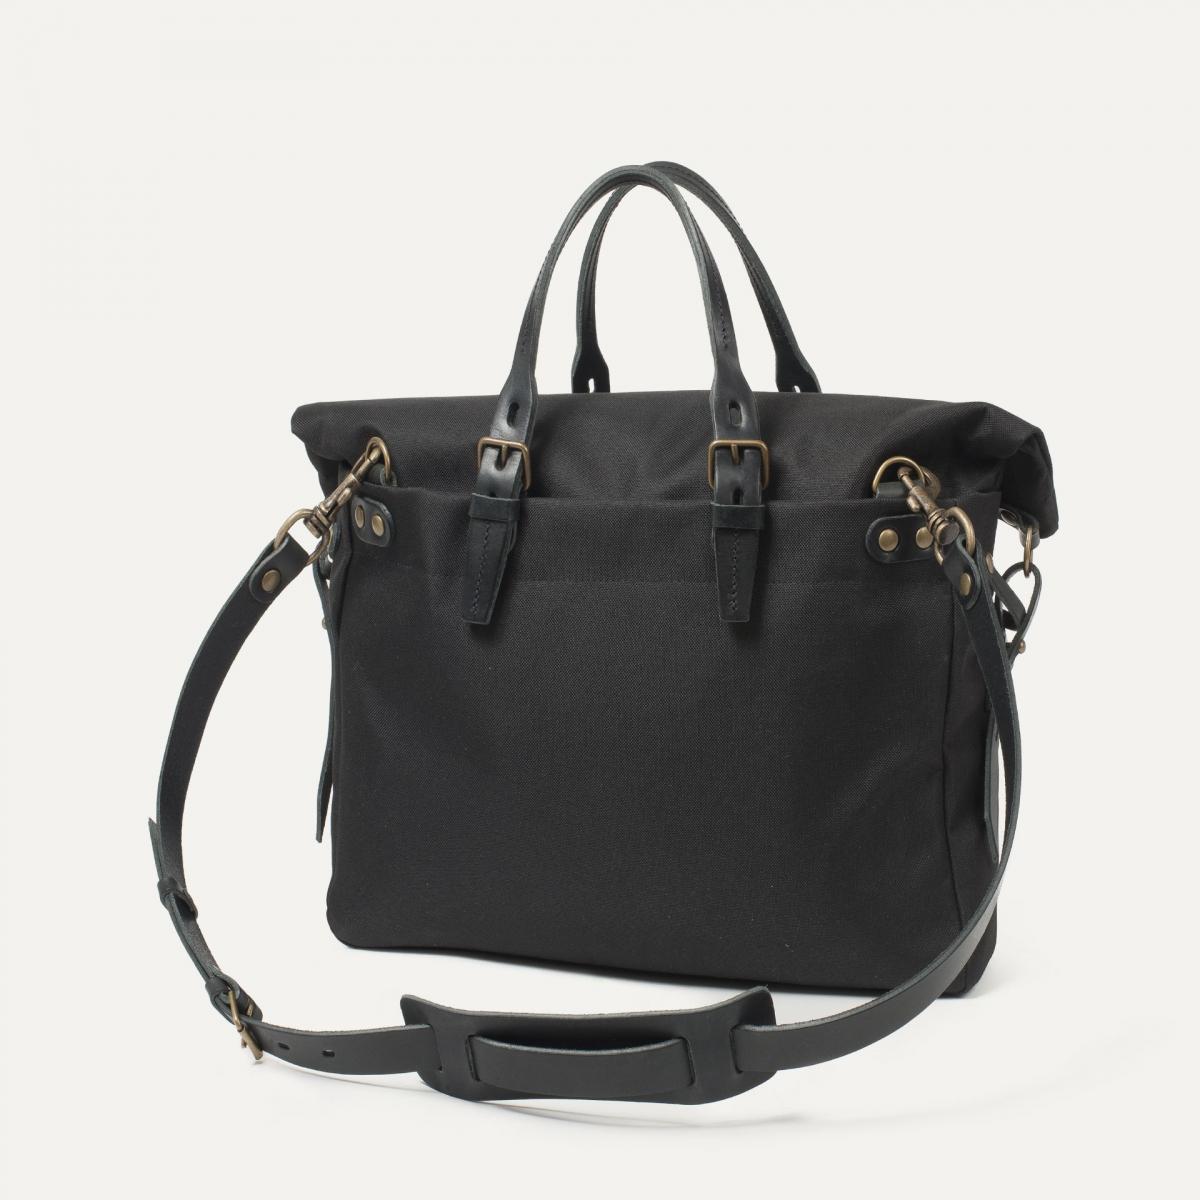 Remix business bag - Black (image n°3)